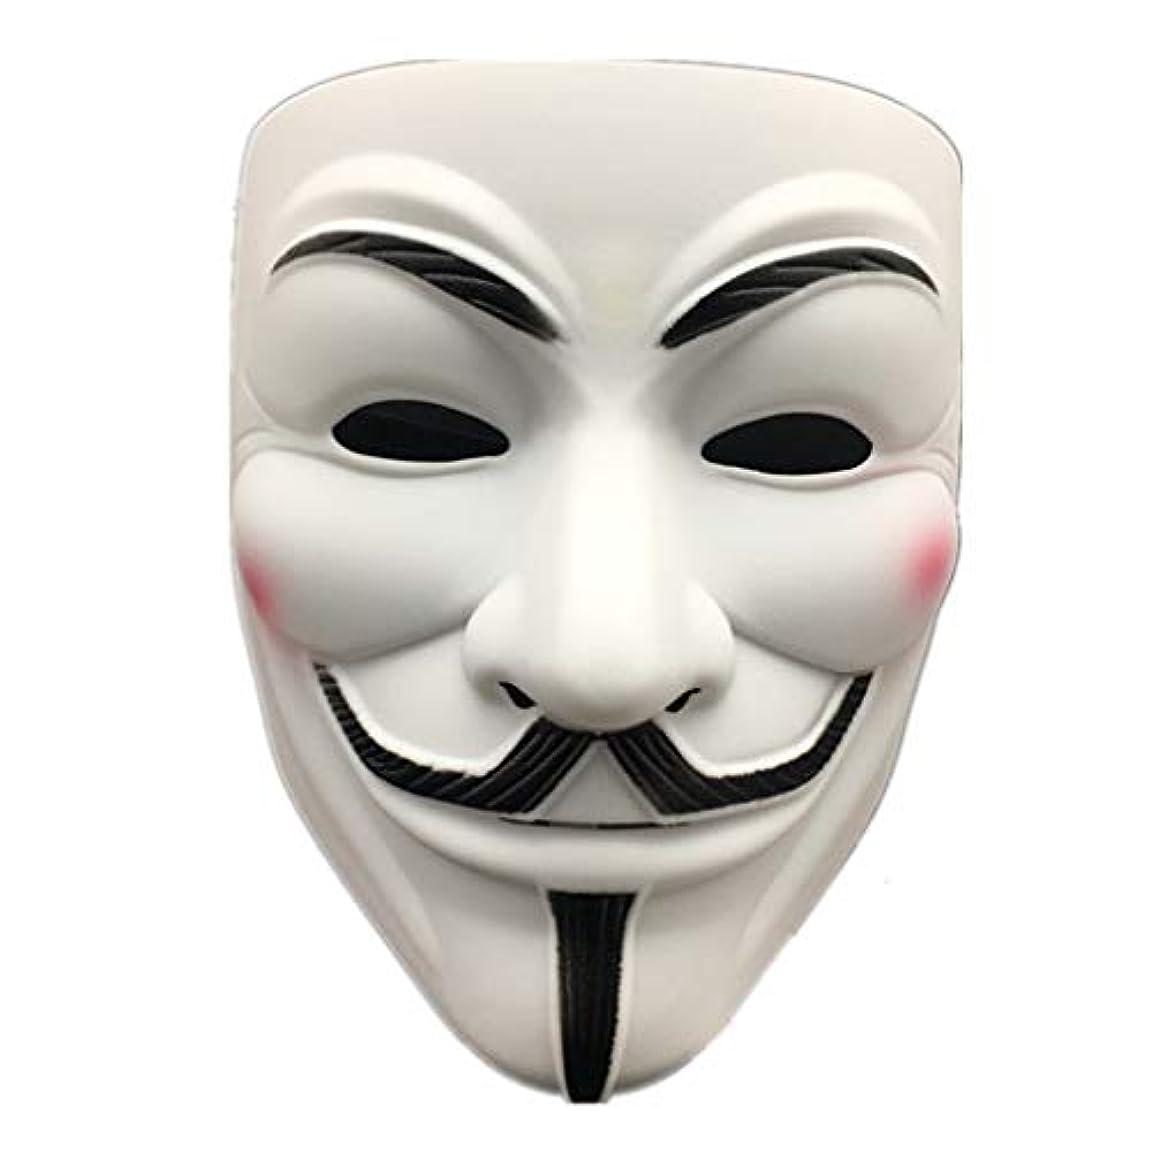 天敬なりんごハロウィンマスクフルフェイスストリートダンス振動マスク仮装変なマスクダンスマスク